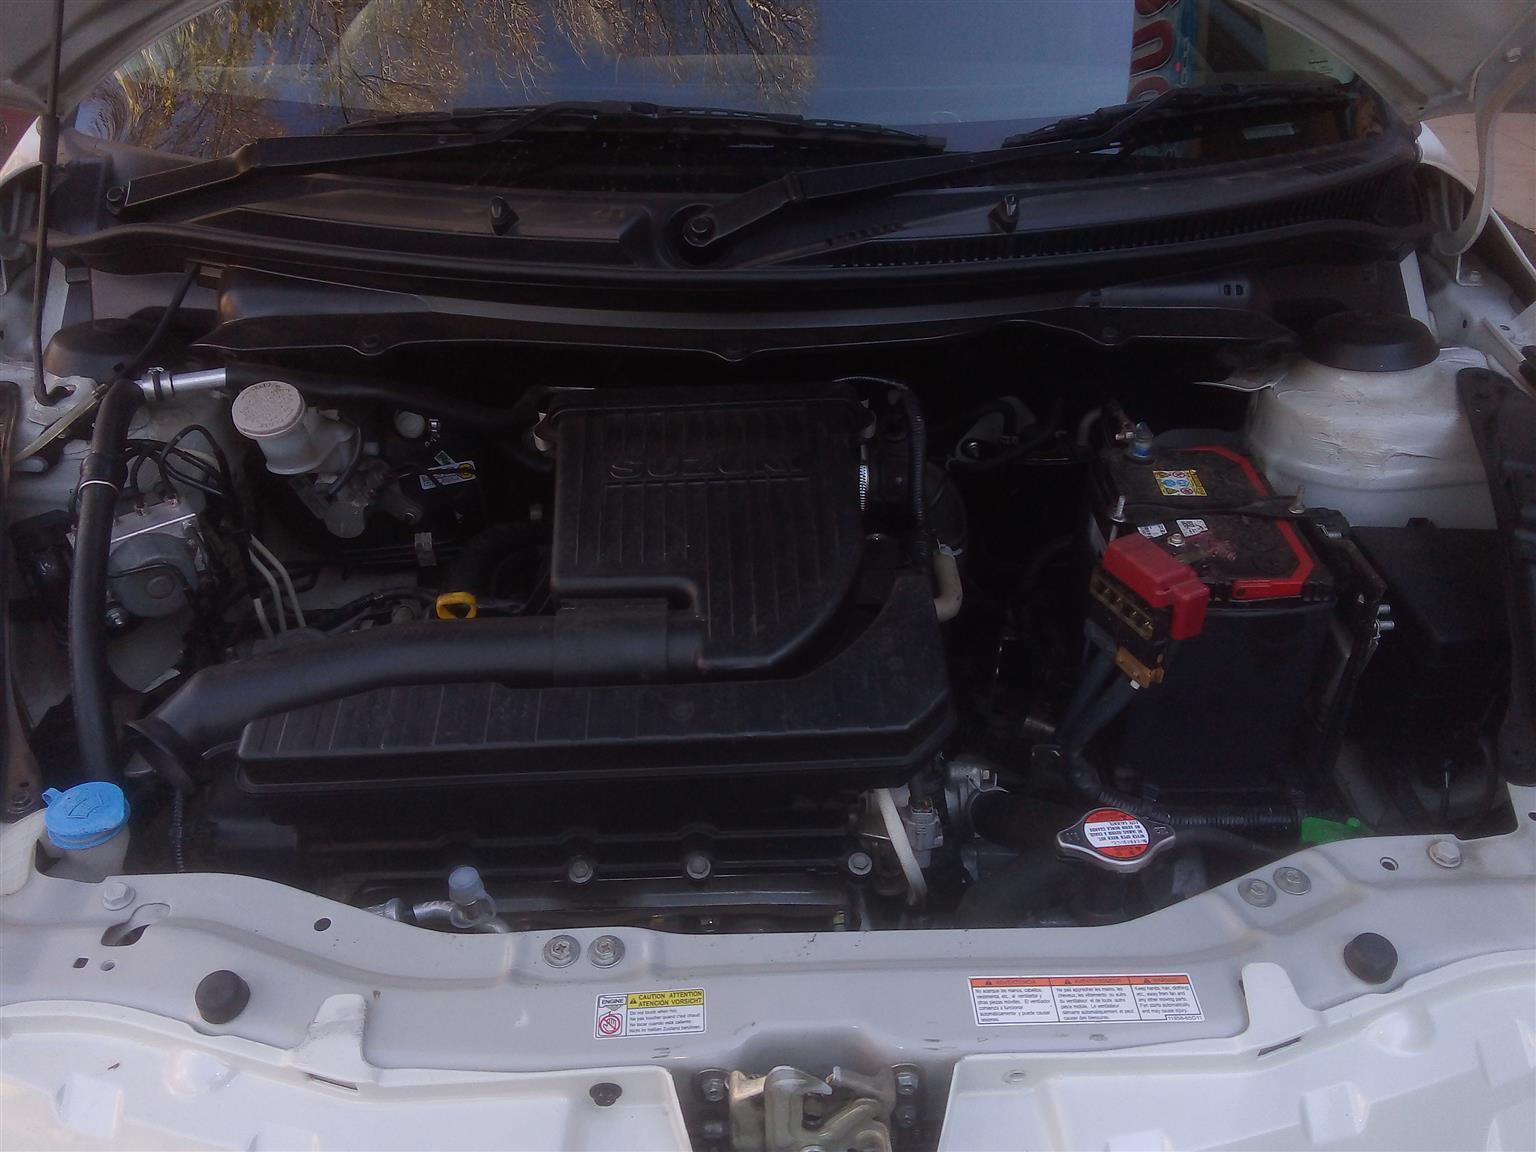 2017 Suzuki Swift hatch 1.2 GA